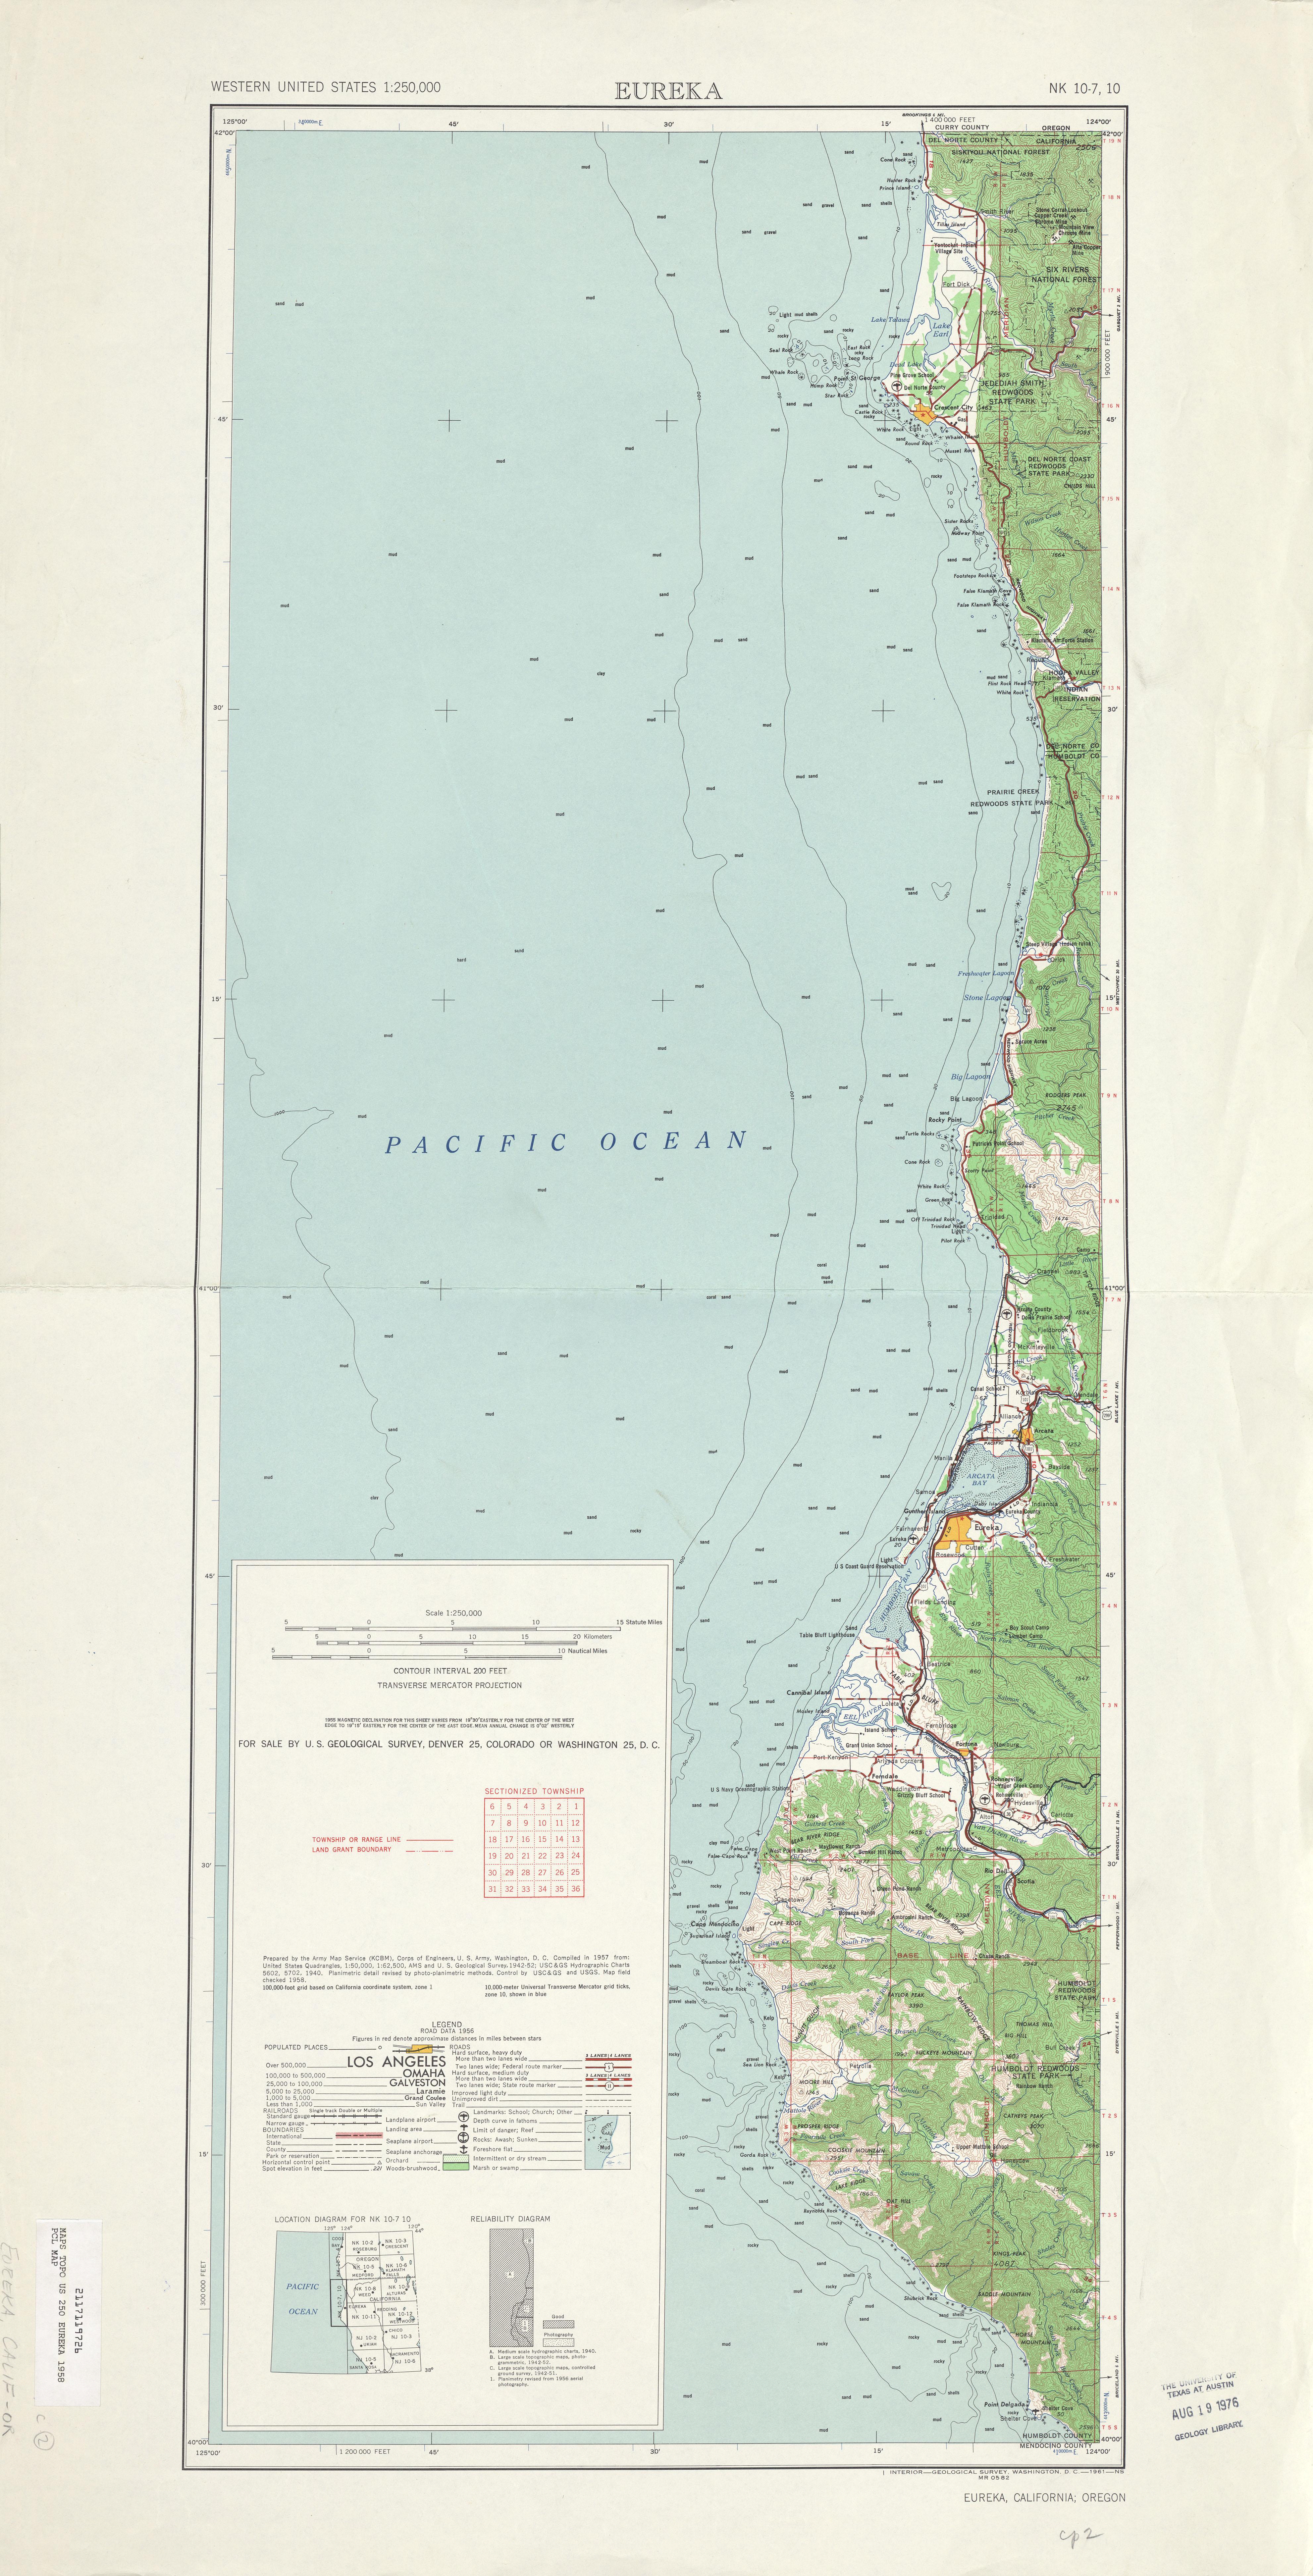 Hoja Eureka del Mapa Topográfico de los Estados Unidos 1958